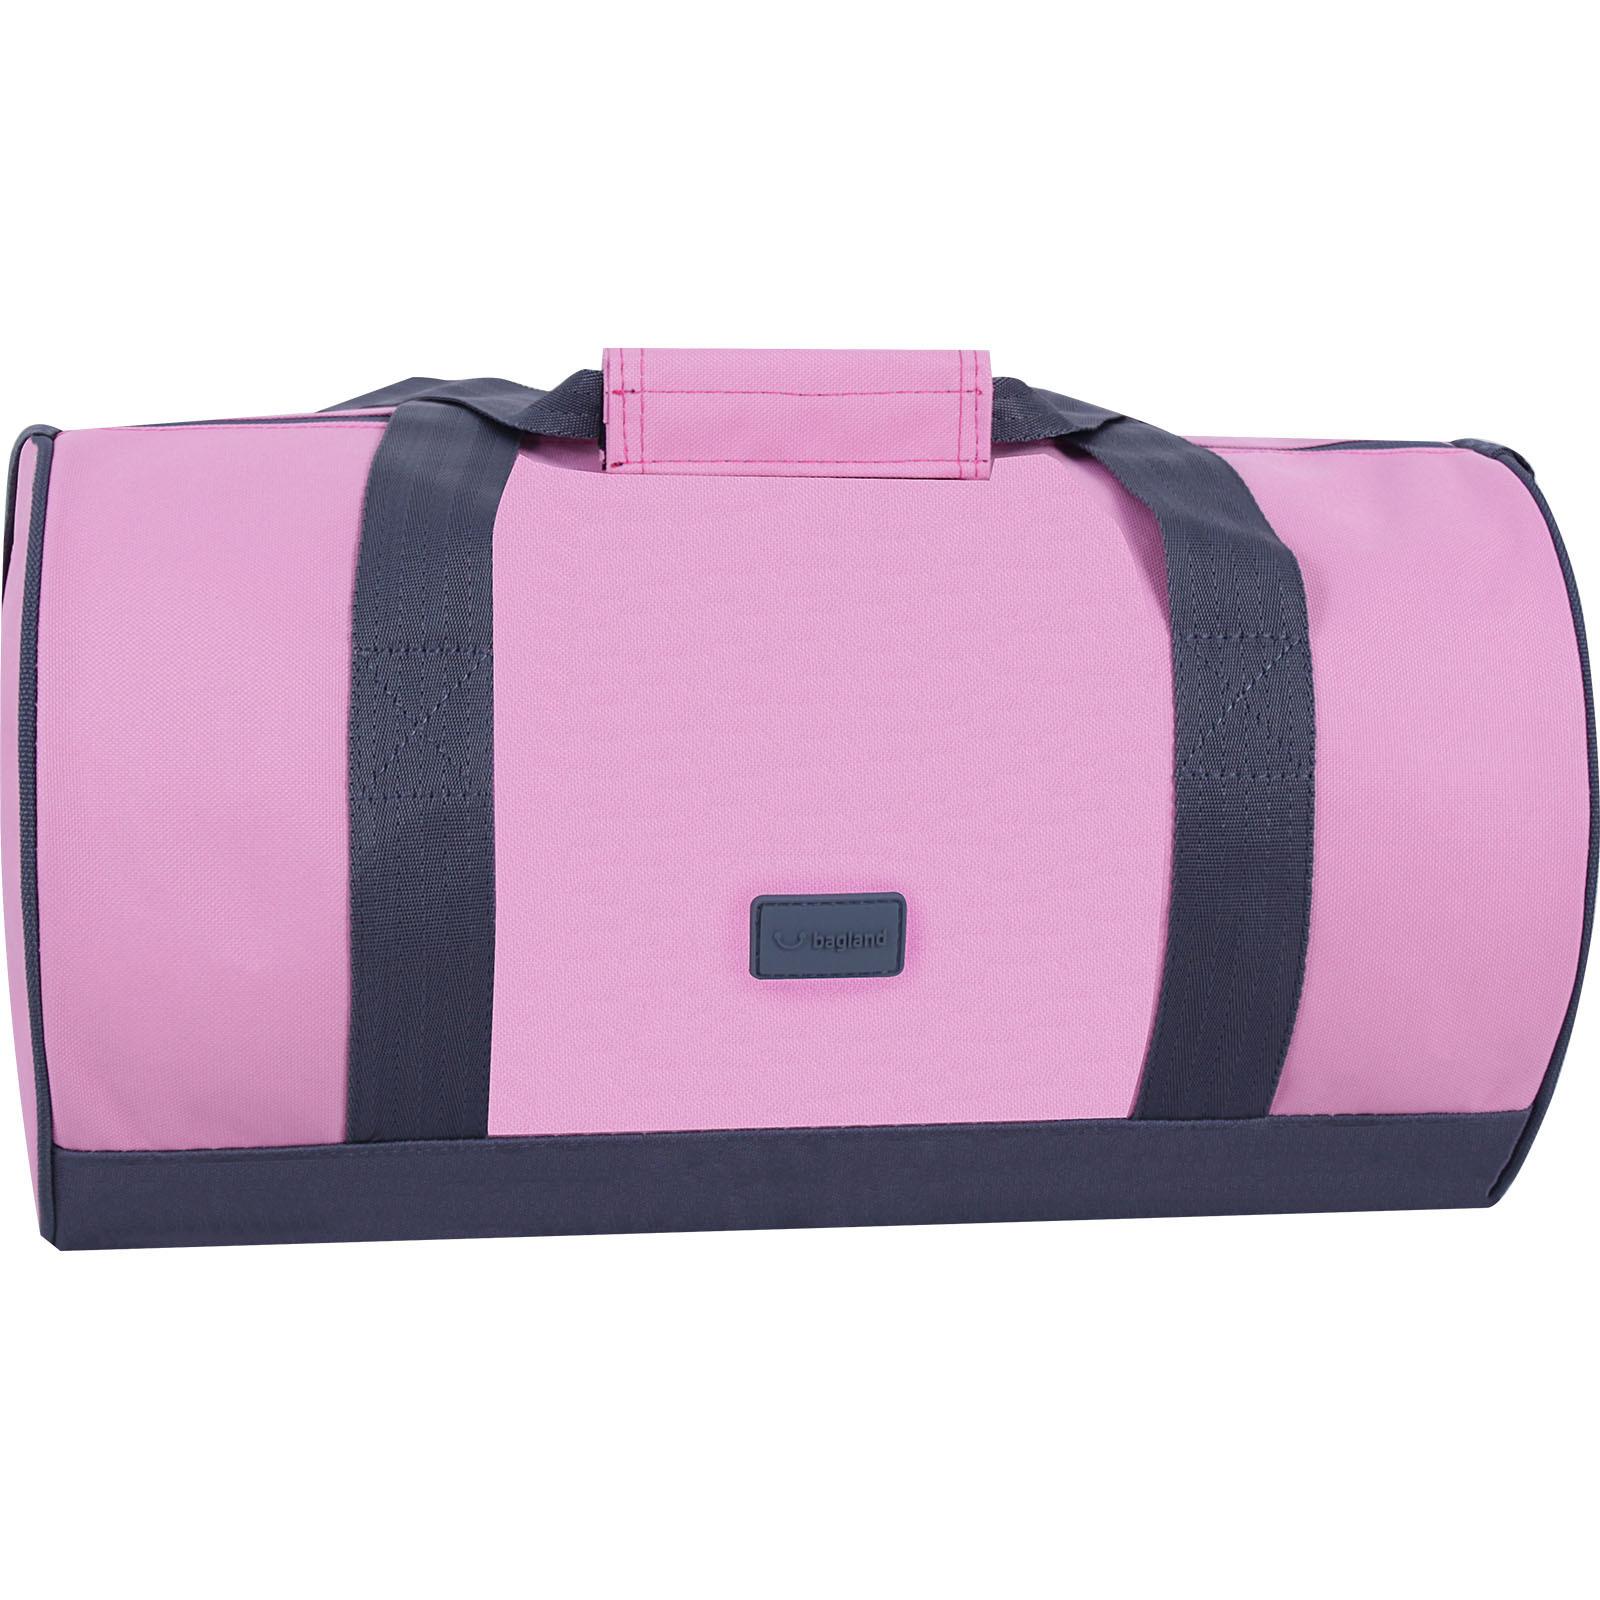 Ручная кладь (Lowcost) Сумка Bagland Luce 23 л. Розовый/Серый (0033366) IMG_7633-1600.jpg